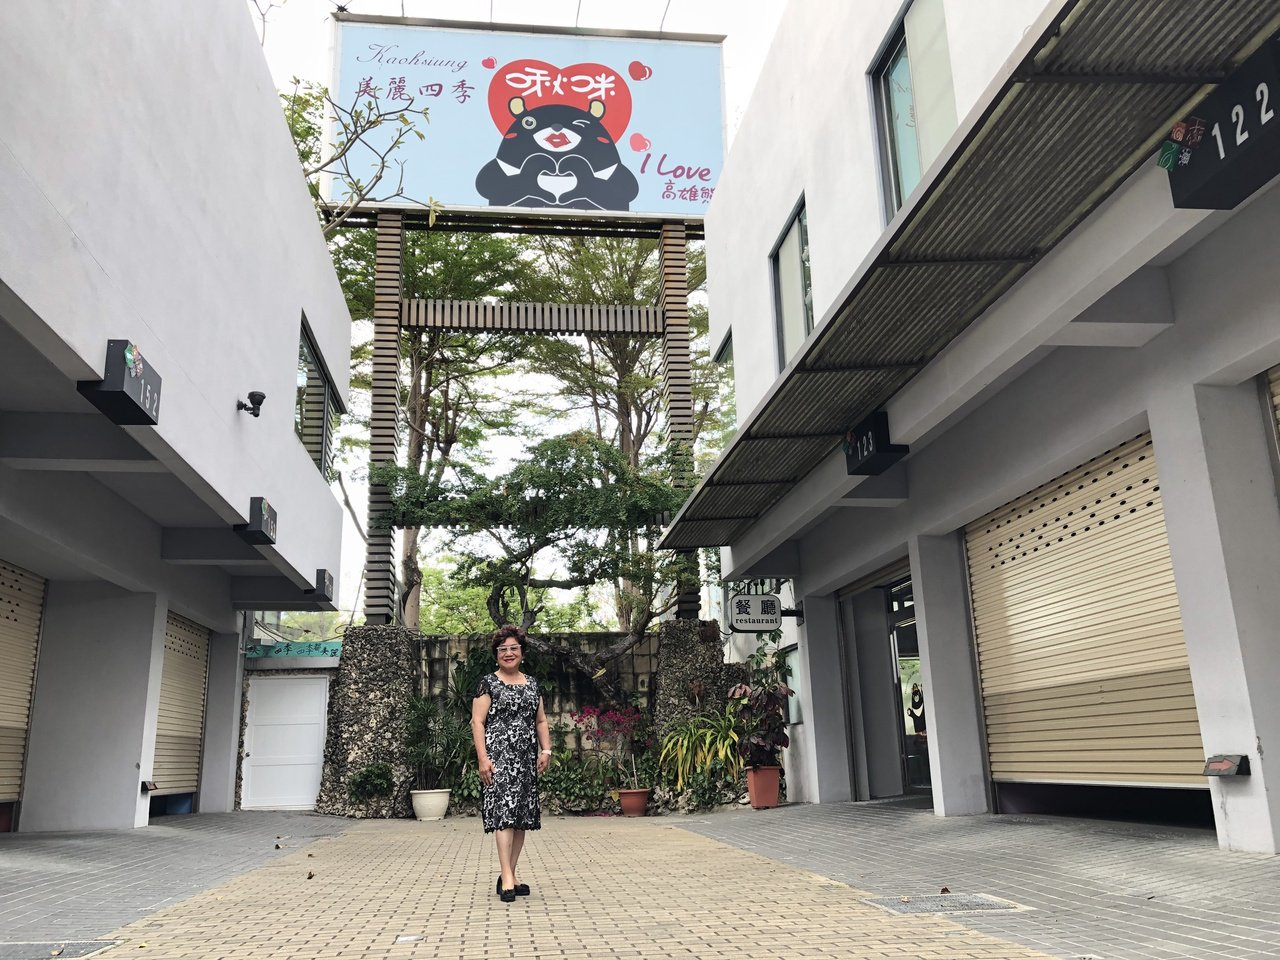 紀玉蓮旗下有11家汽車旅館,有人稱她是高雄旅宿業的「摩鐵女王」。 圖/王慧瑛 攝...